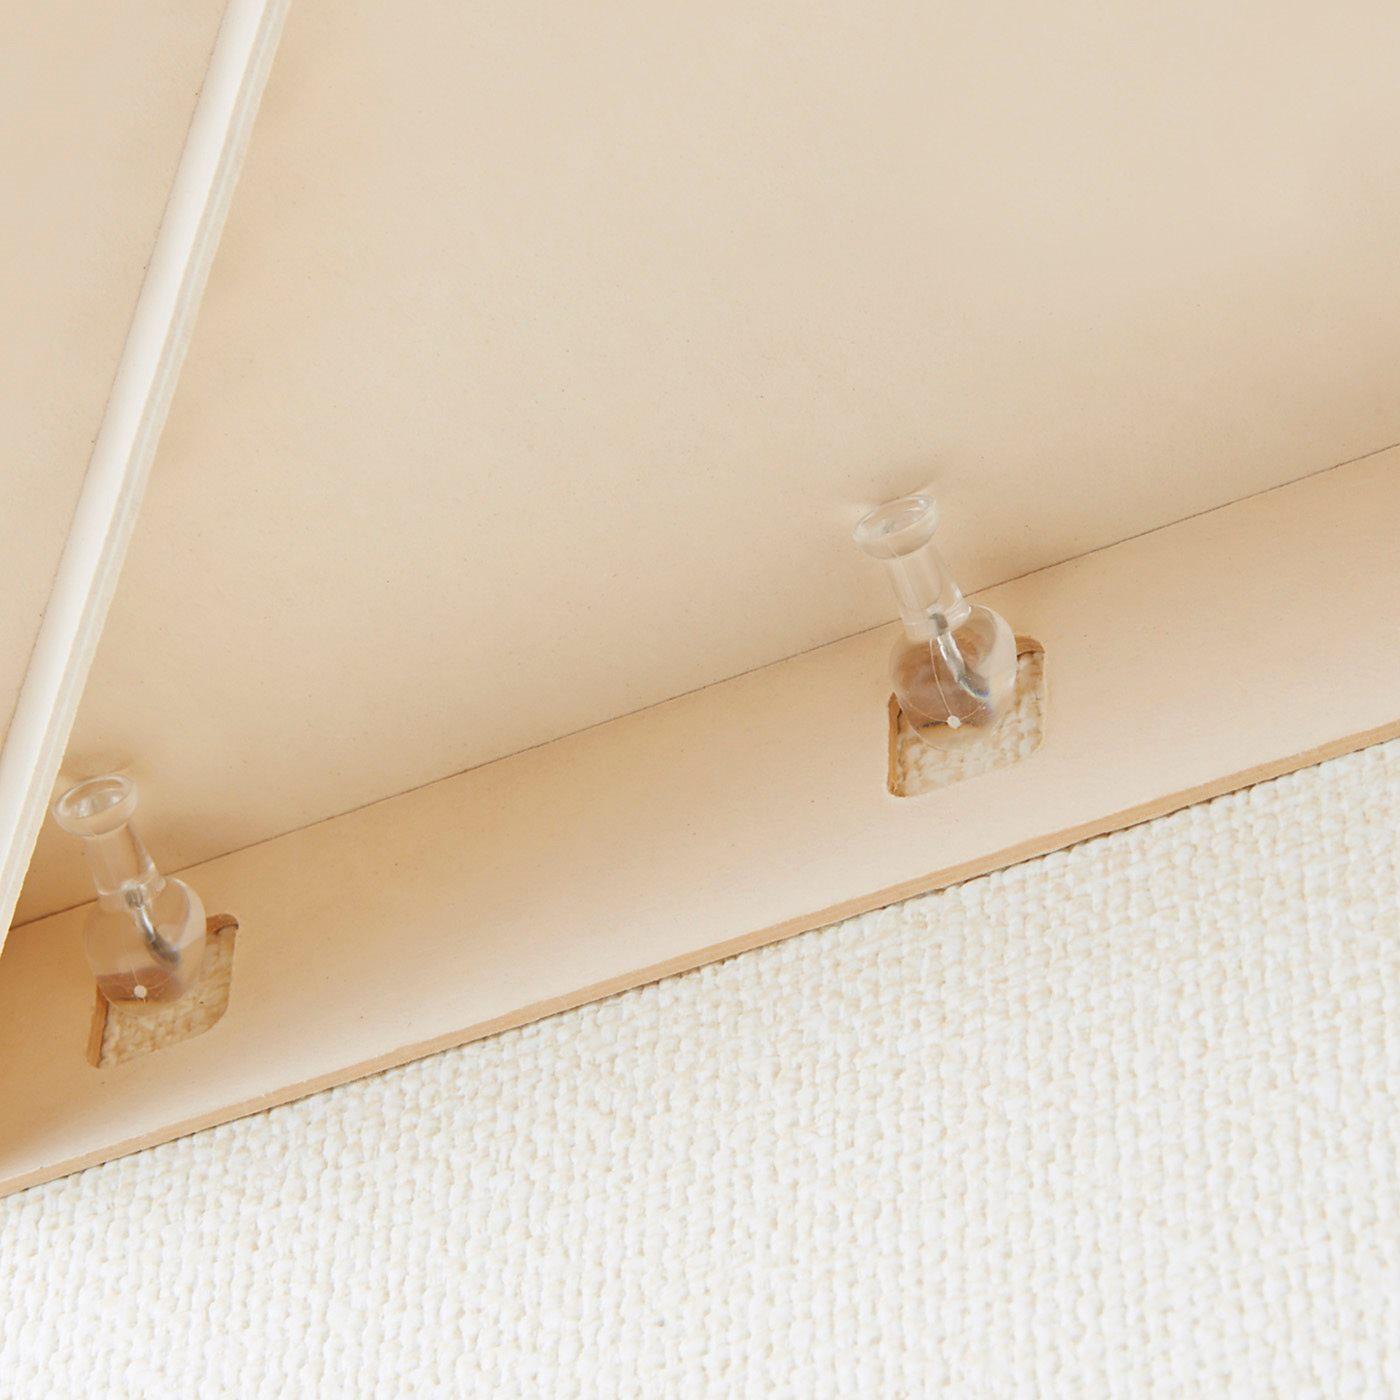 斜めに刺し込むしっかり仕様のピンを壁に刺して、シェルフを引っ掛けるだけで取り付け完了。